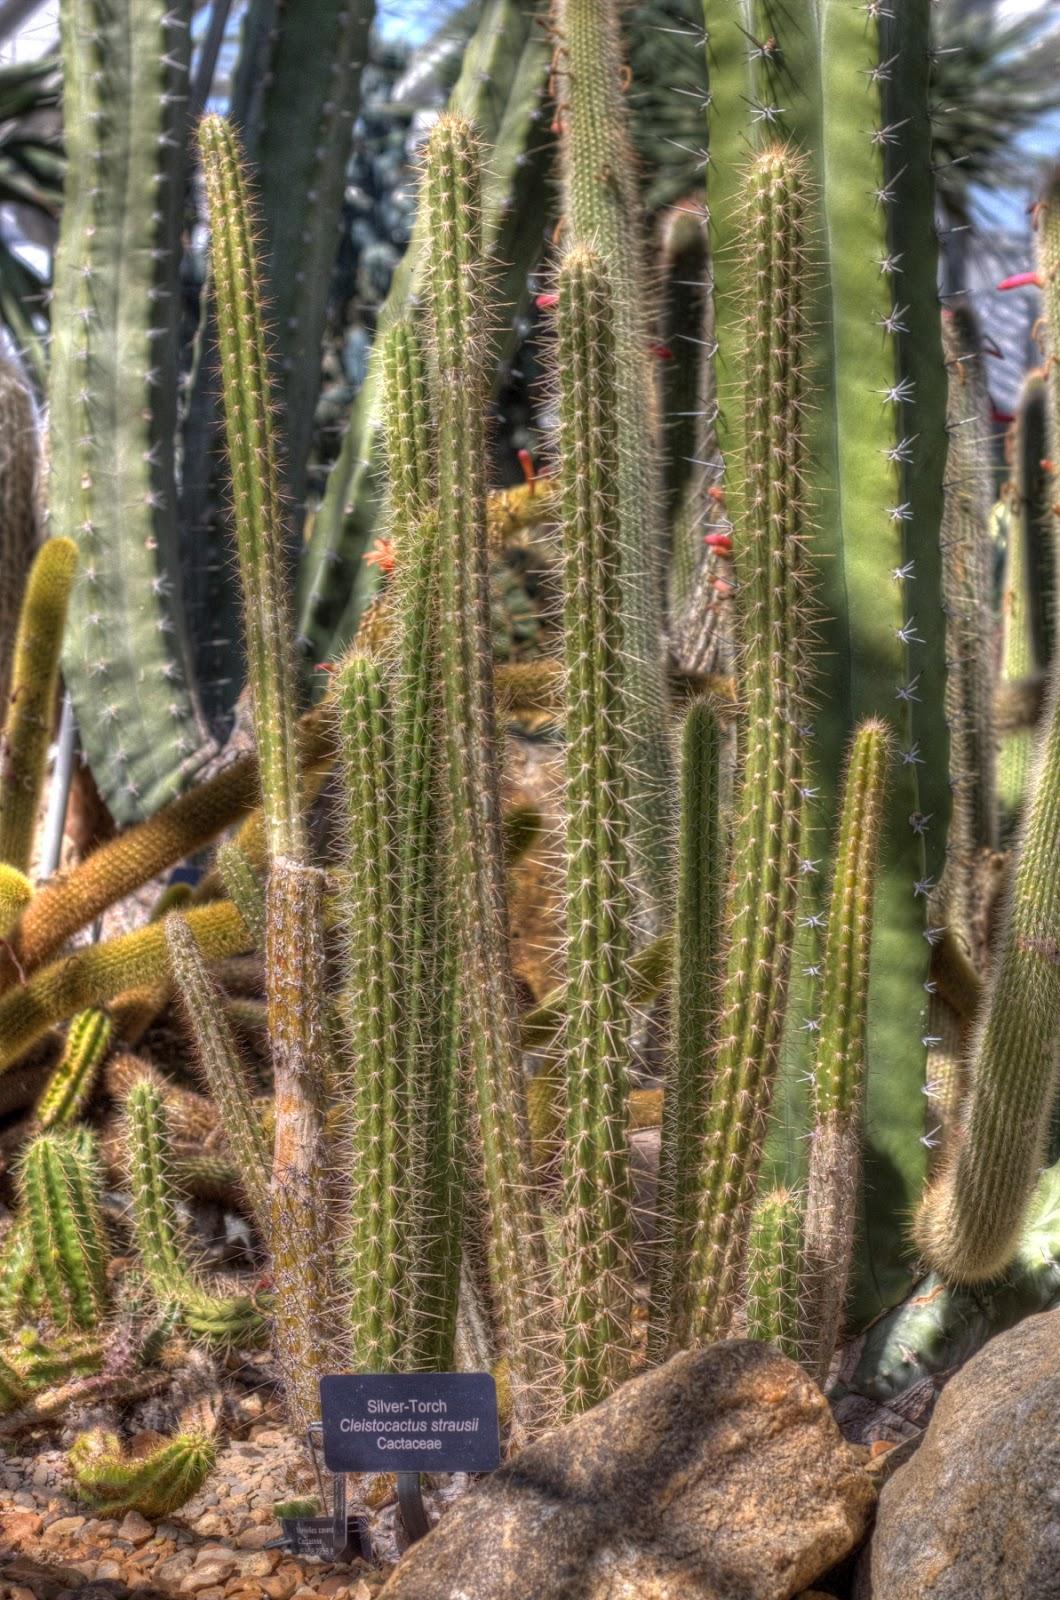 Photo Essay- Matthaei Botanical Gardens - On My Feet or In My Mind ...